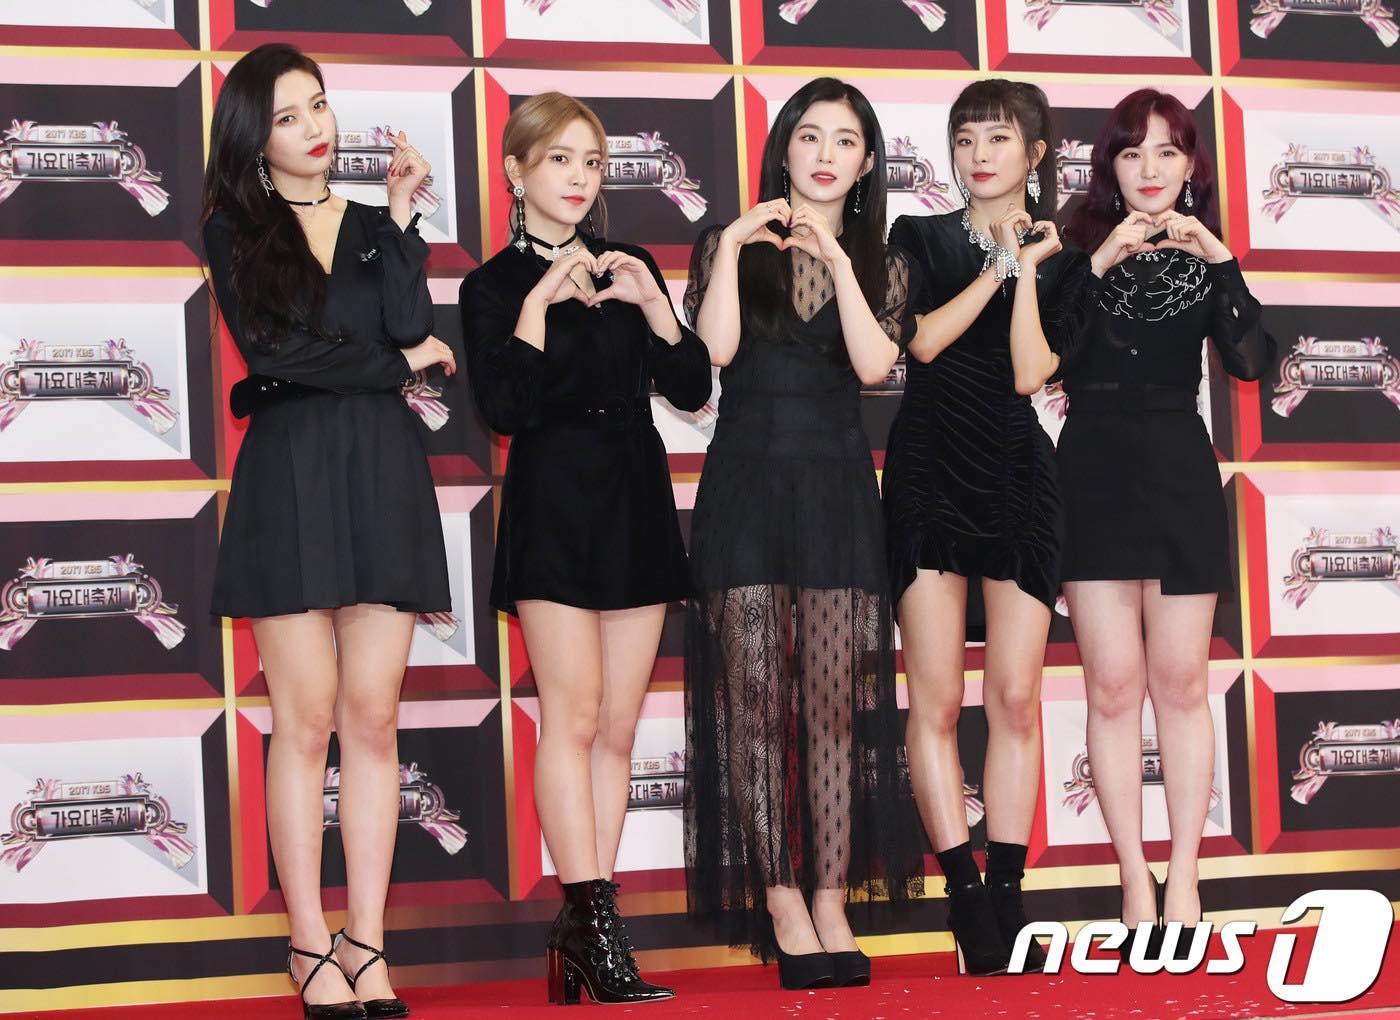 Thảm đỏ KBS Gayo Daejun: HyunA sexy nổi bật, loạt mỹ nam tạo dáng khó đỡ-9